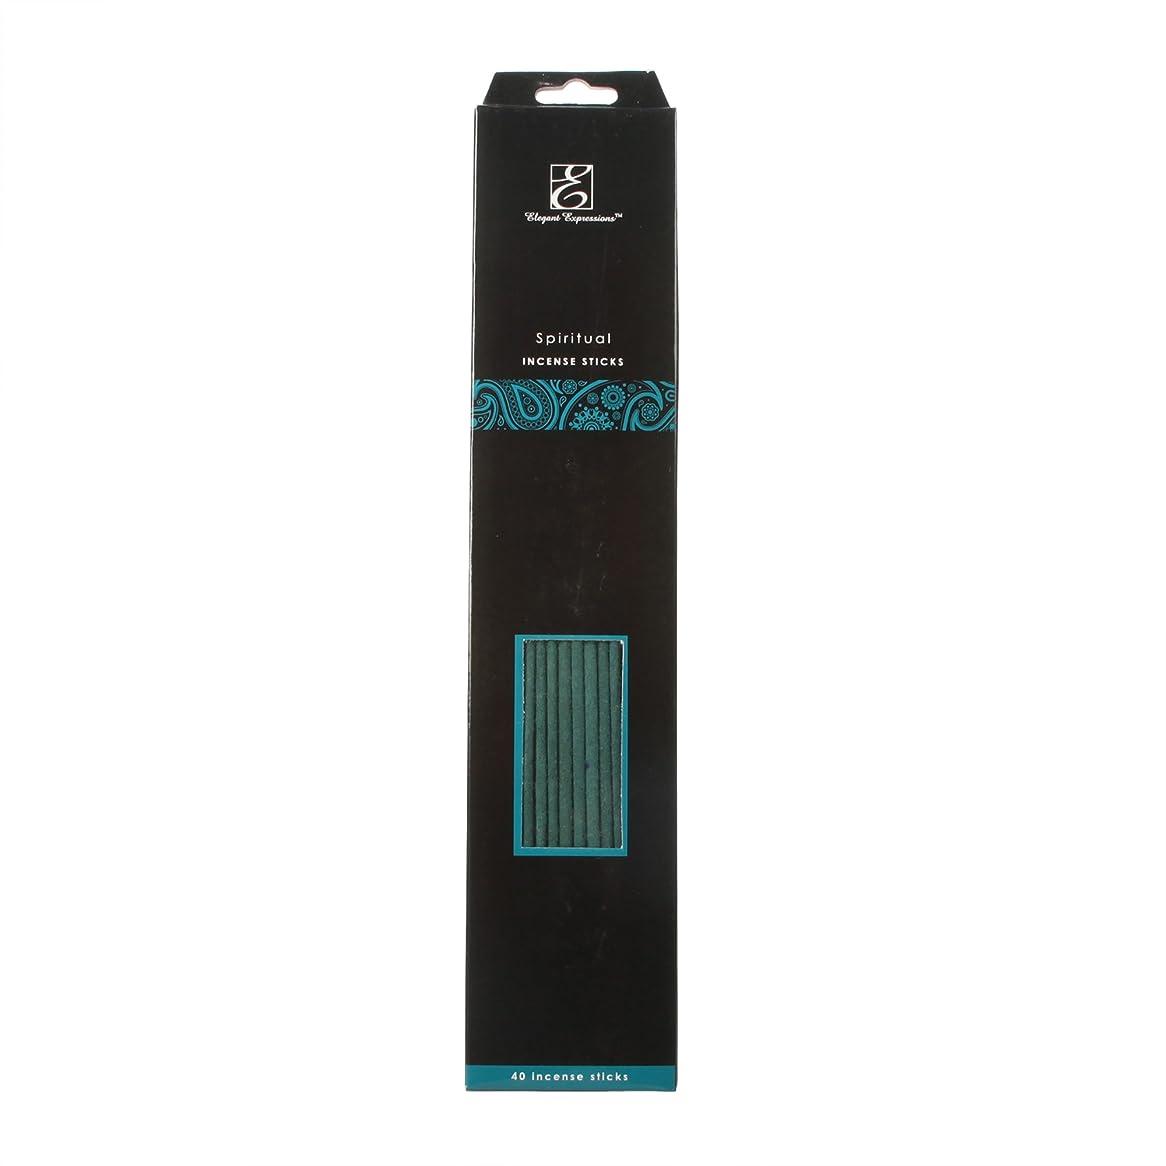 信頼性のあるポスト印象派一時解雇するHosley 's Highly Fragranced Spiritual Incense Sticks 240パック、Infused with Essential Oils。Ideal For結婚式、イベント、アロマセラピー、Spa,レイキ、瞑想、浴室設定o6。